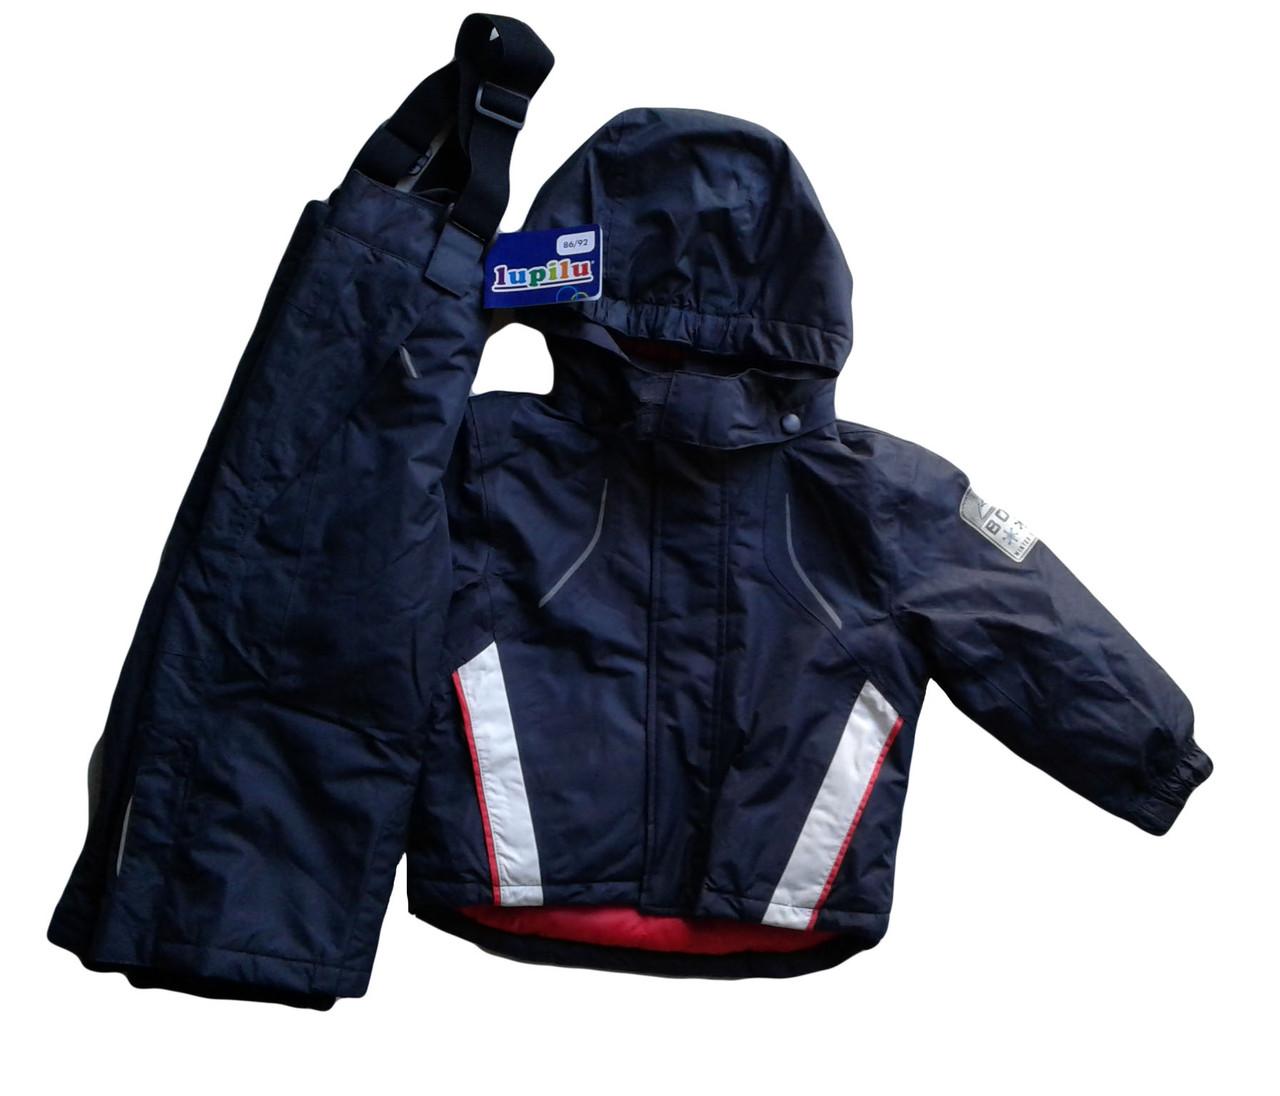 Комбинезон с курткой для мальчика, Lupilu, размер 86/92 (2шт), арт. Л-416